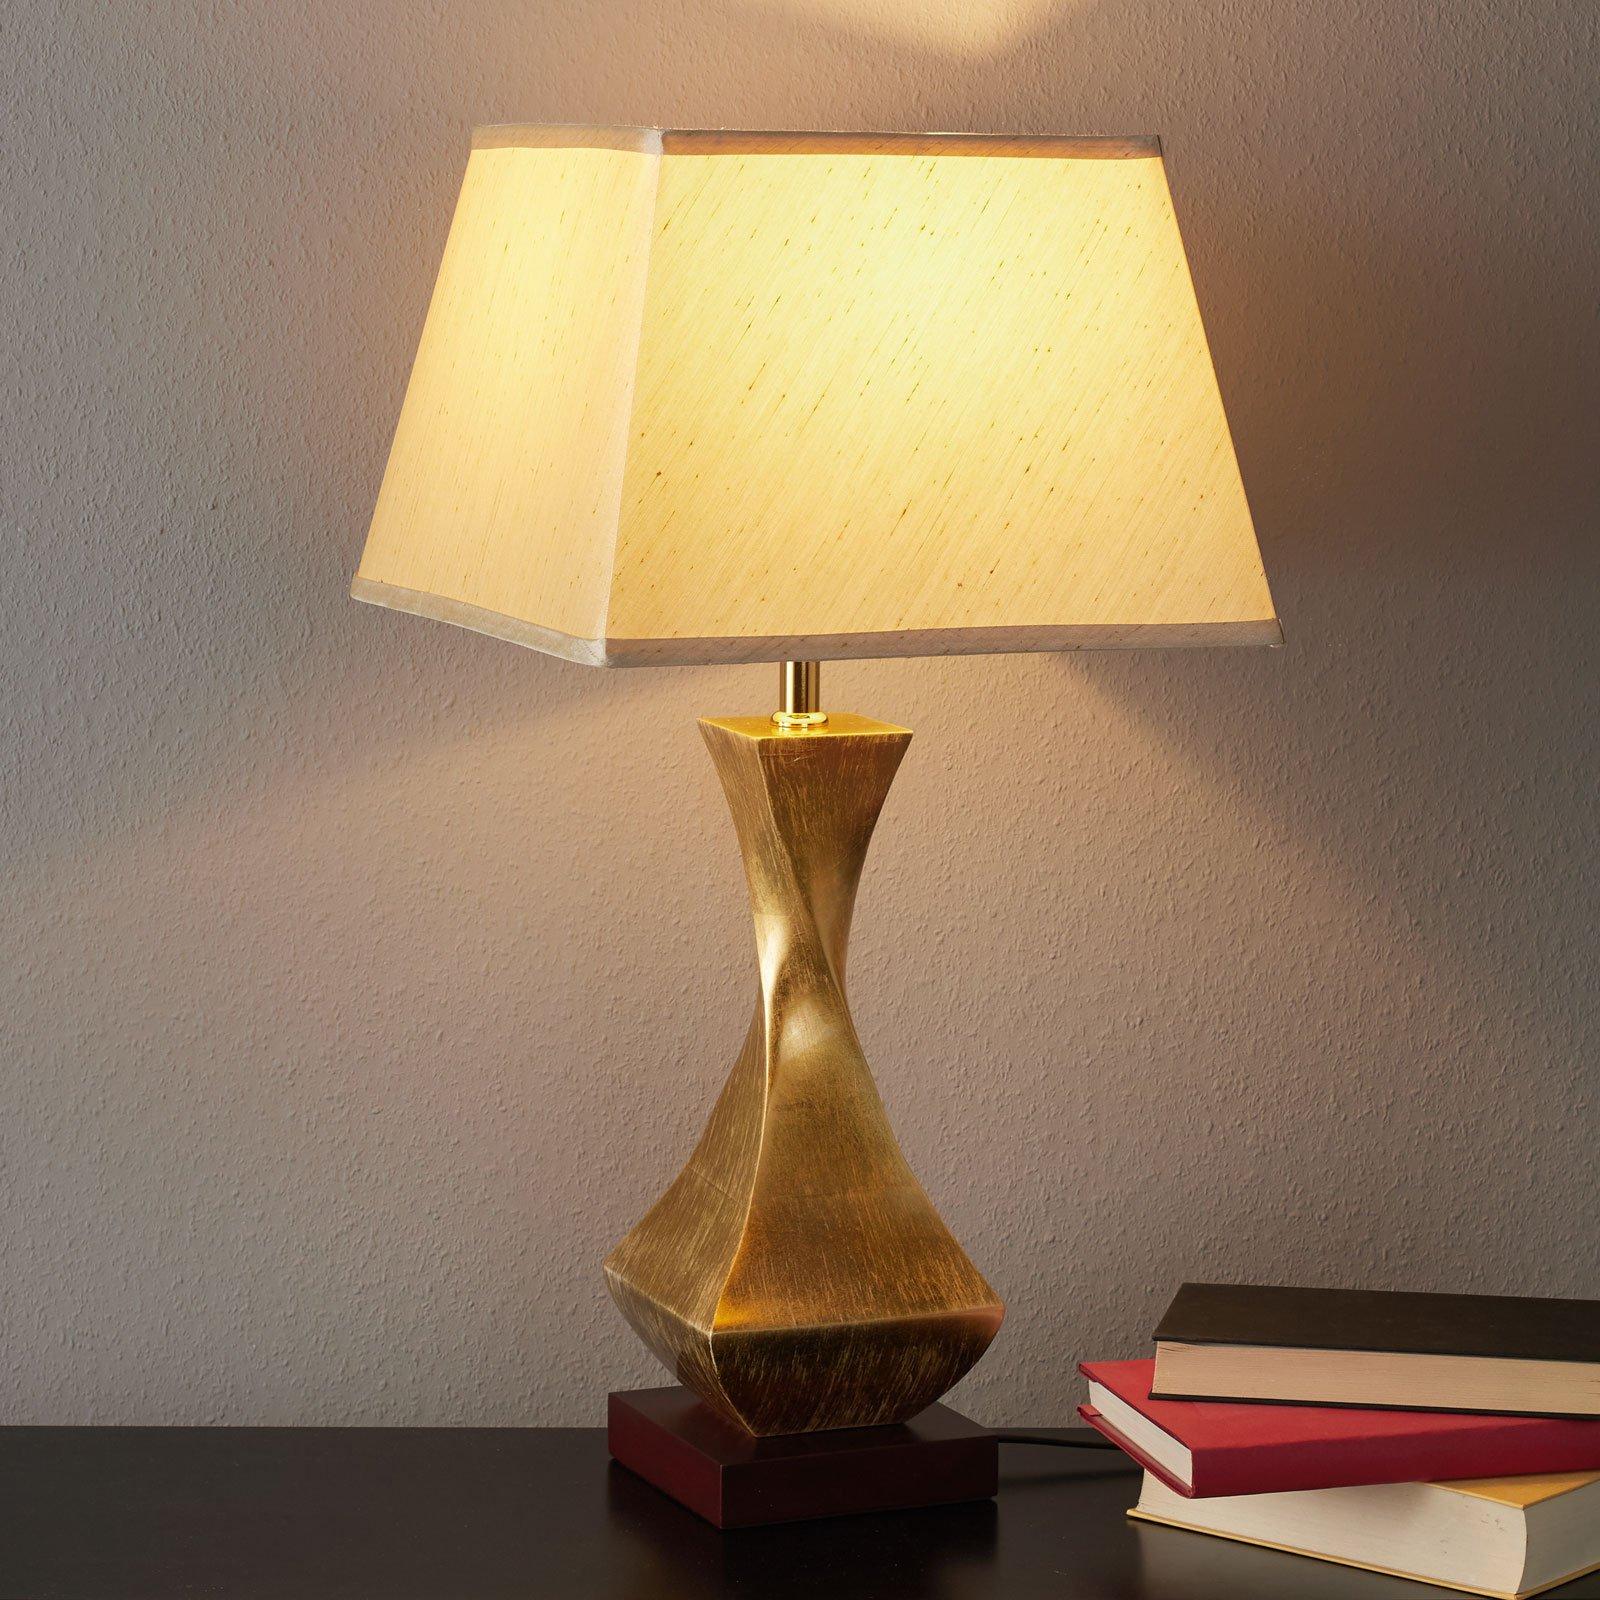 Deco oppsiktsvekkende bordlampe med gullfarget fot